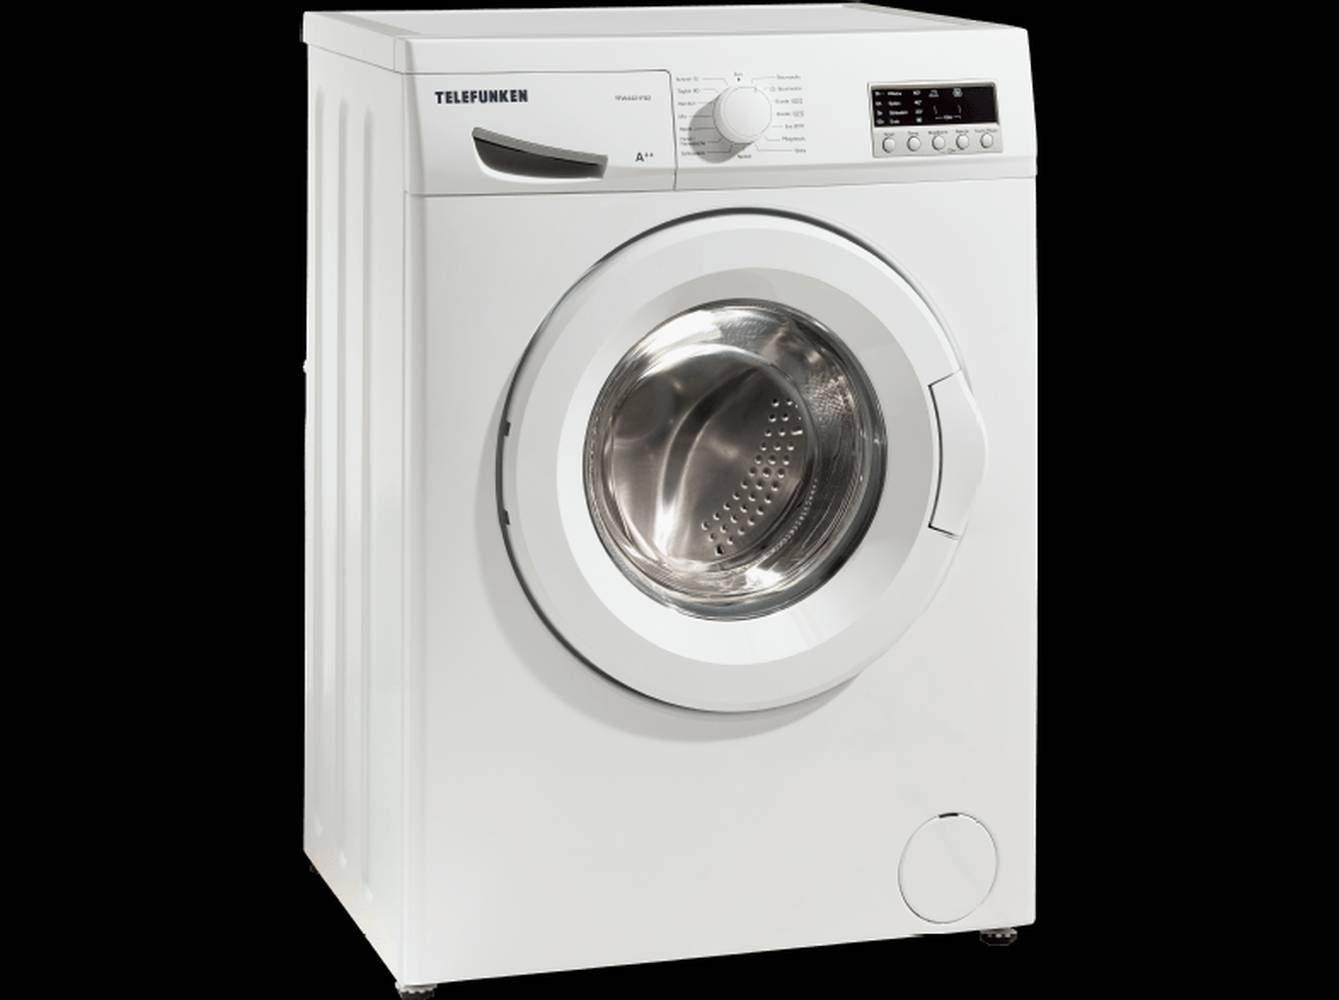 Telefunken tfw 4421 fb 2 waschmaschine im test 07 2018